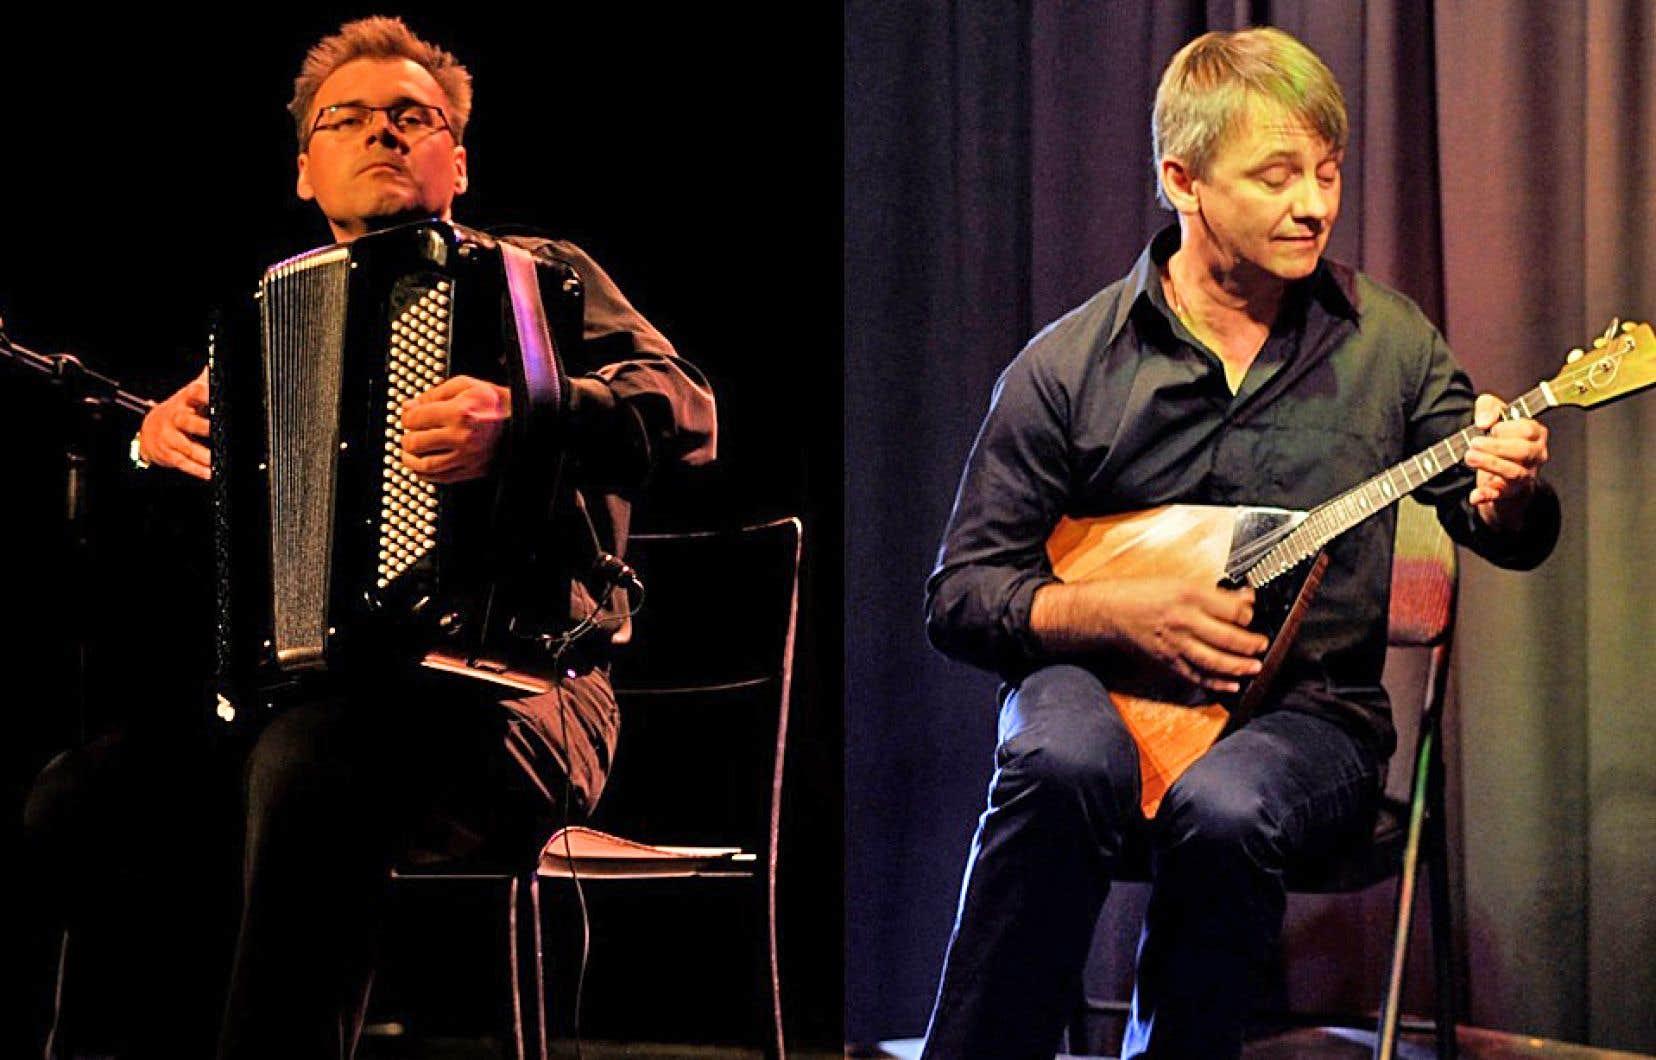 Le duo de musiciens russes Roman Jbanov (à gauche) et Alexeï Birioukov est de retour à Montmagny, où il se sont rencontrés, il y a quelques années.